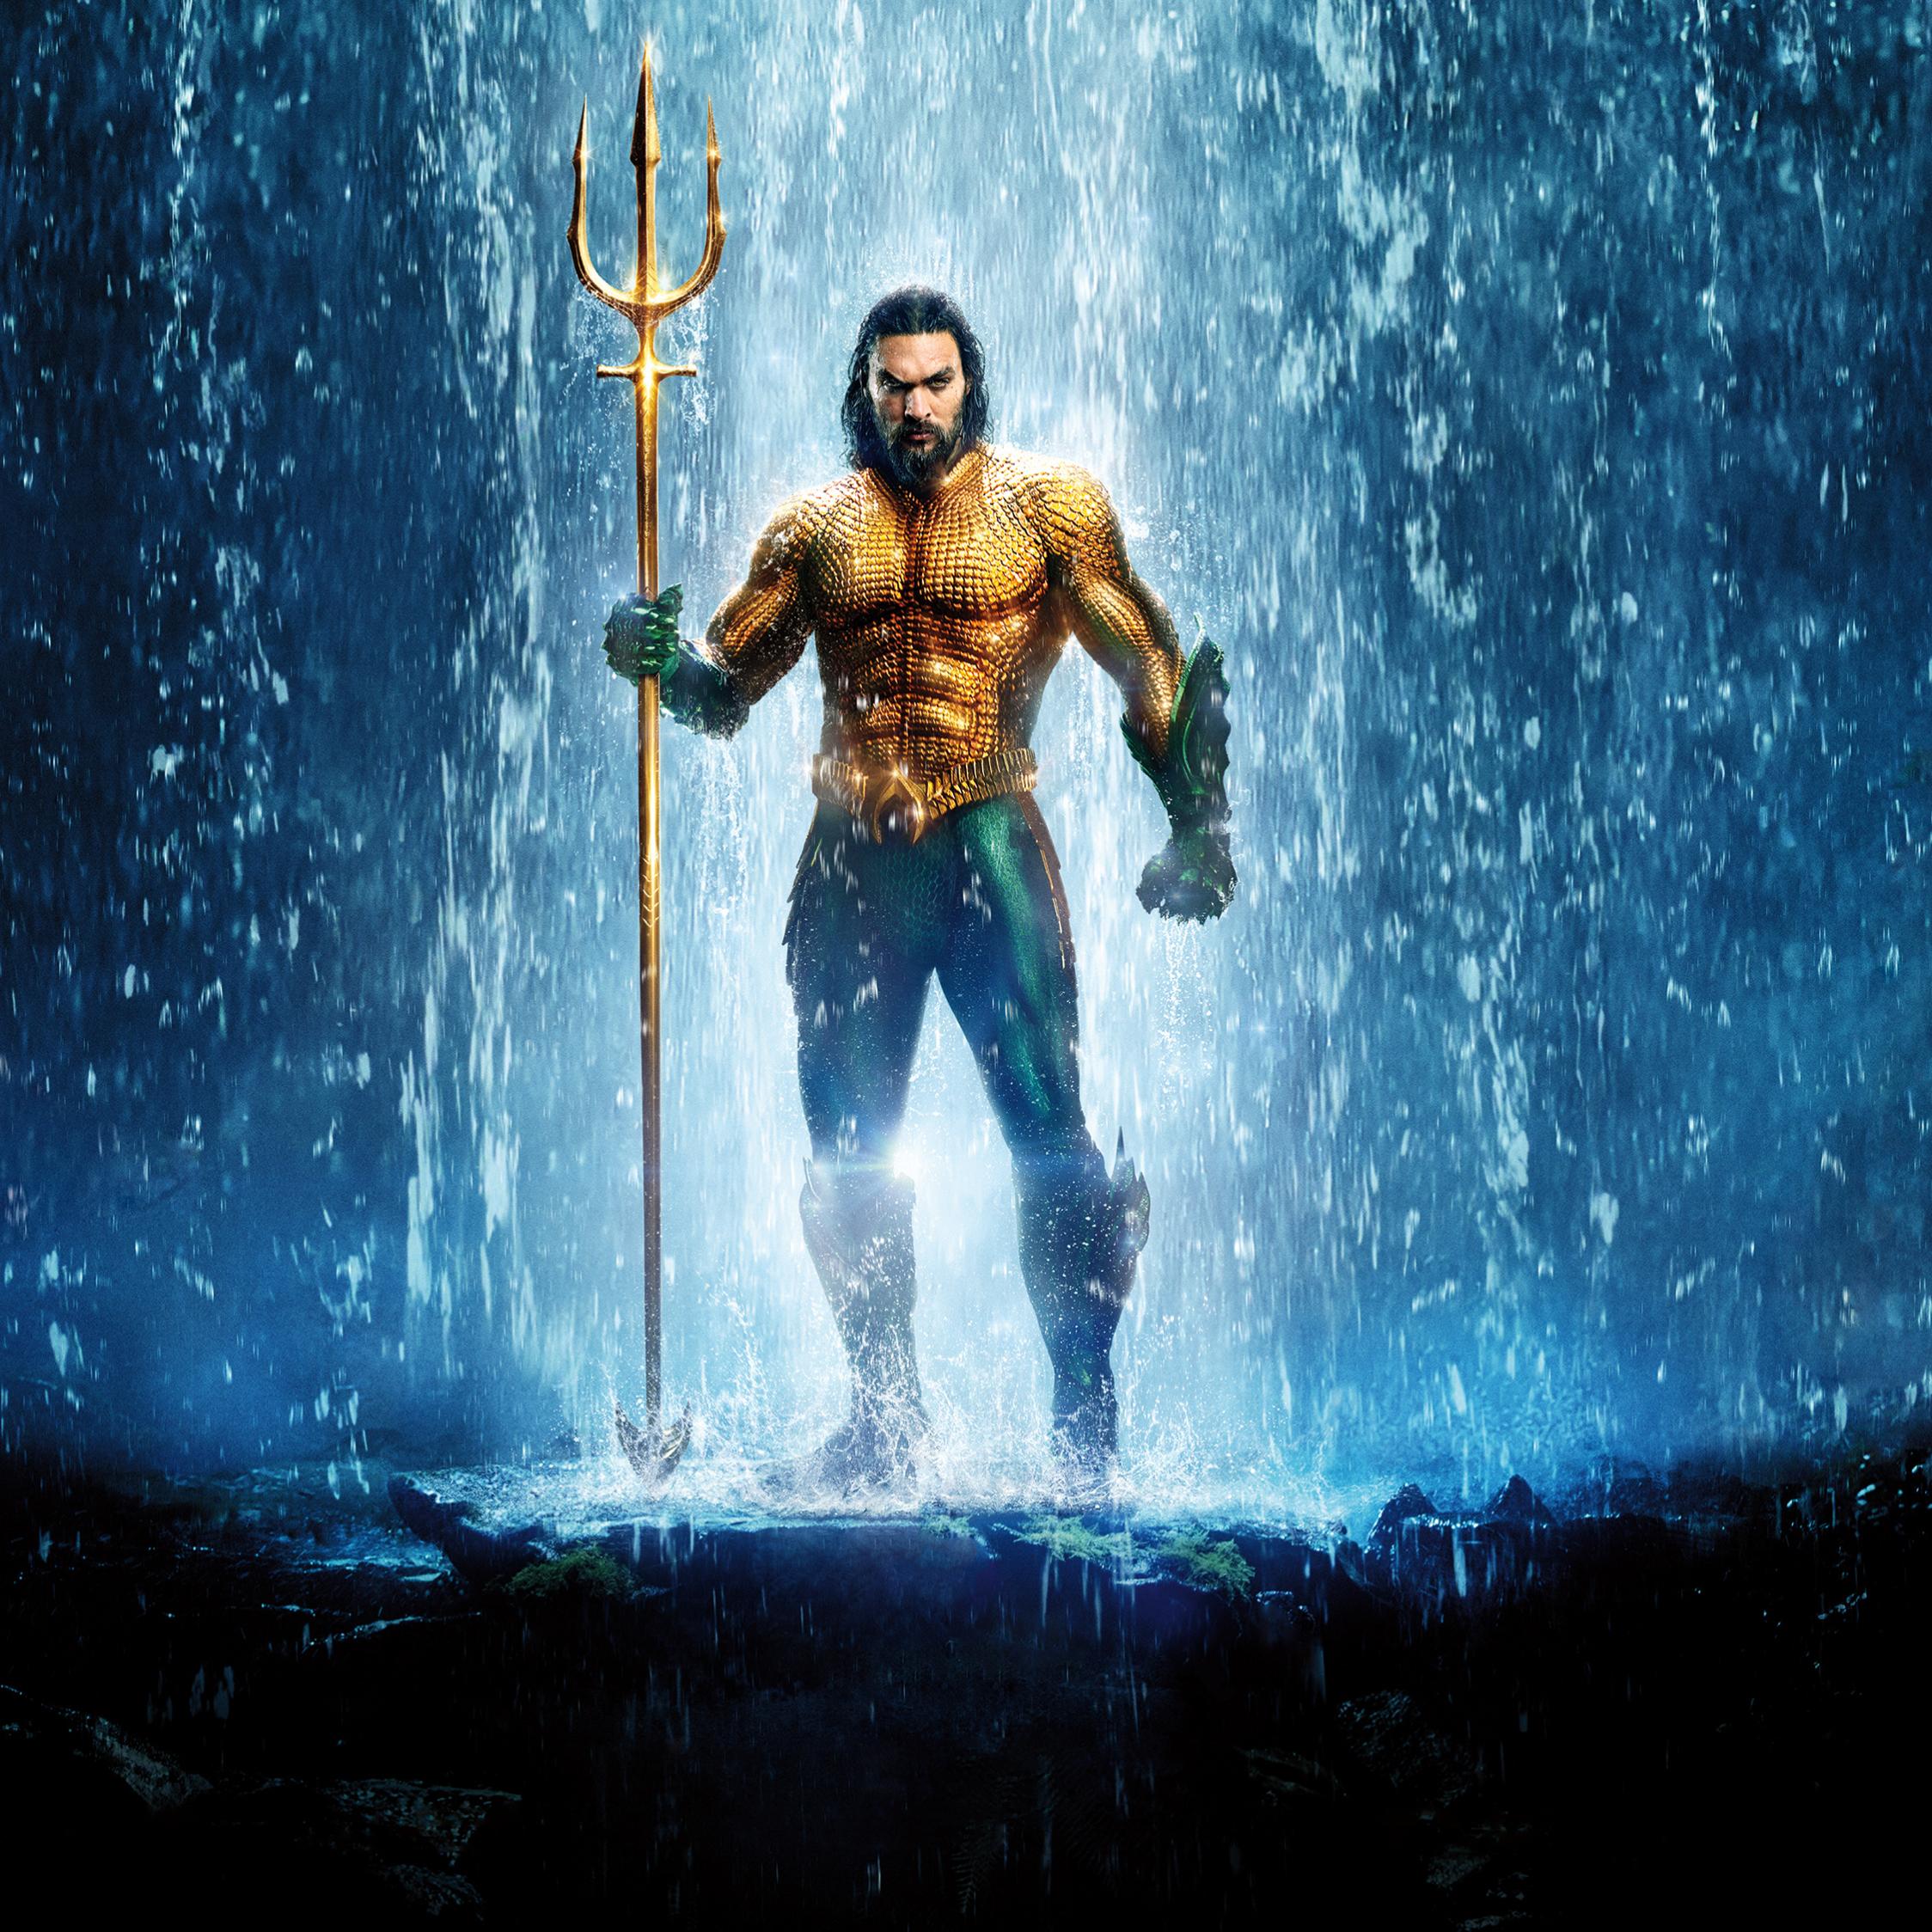 Download 2248x2248 Wallpaper Aquaman, Jason Momoa, Poster